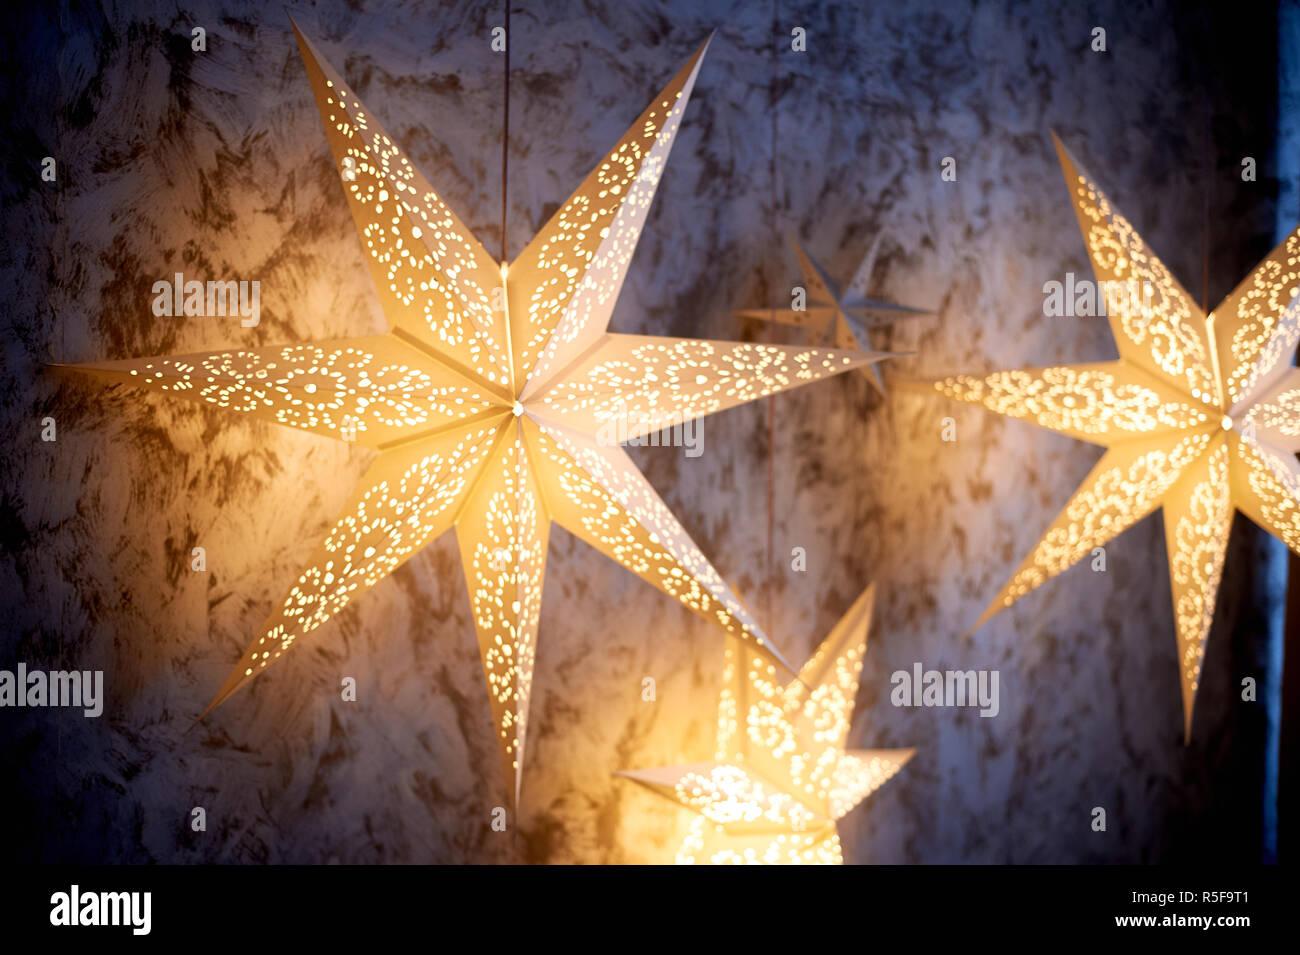 Großes Papier leuchtende Sterne. Weihnachten Dekoration Stockbild